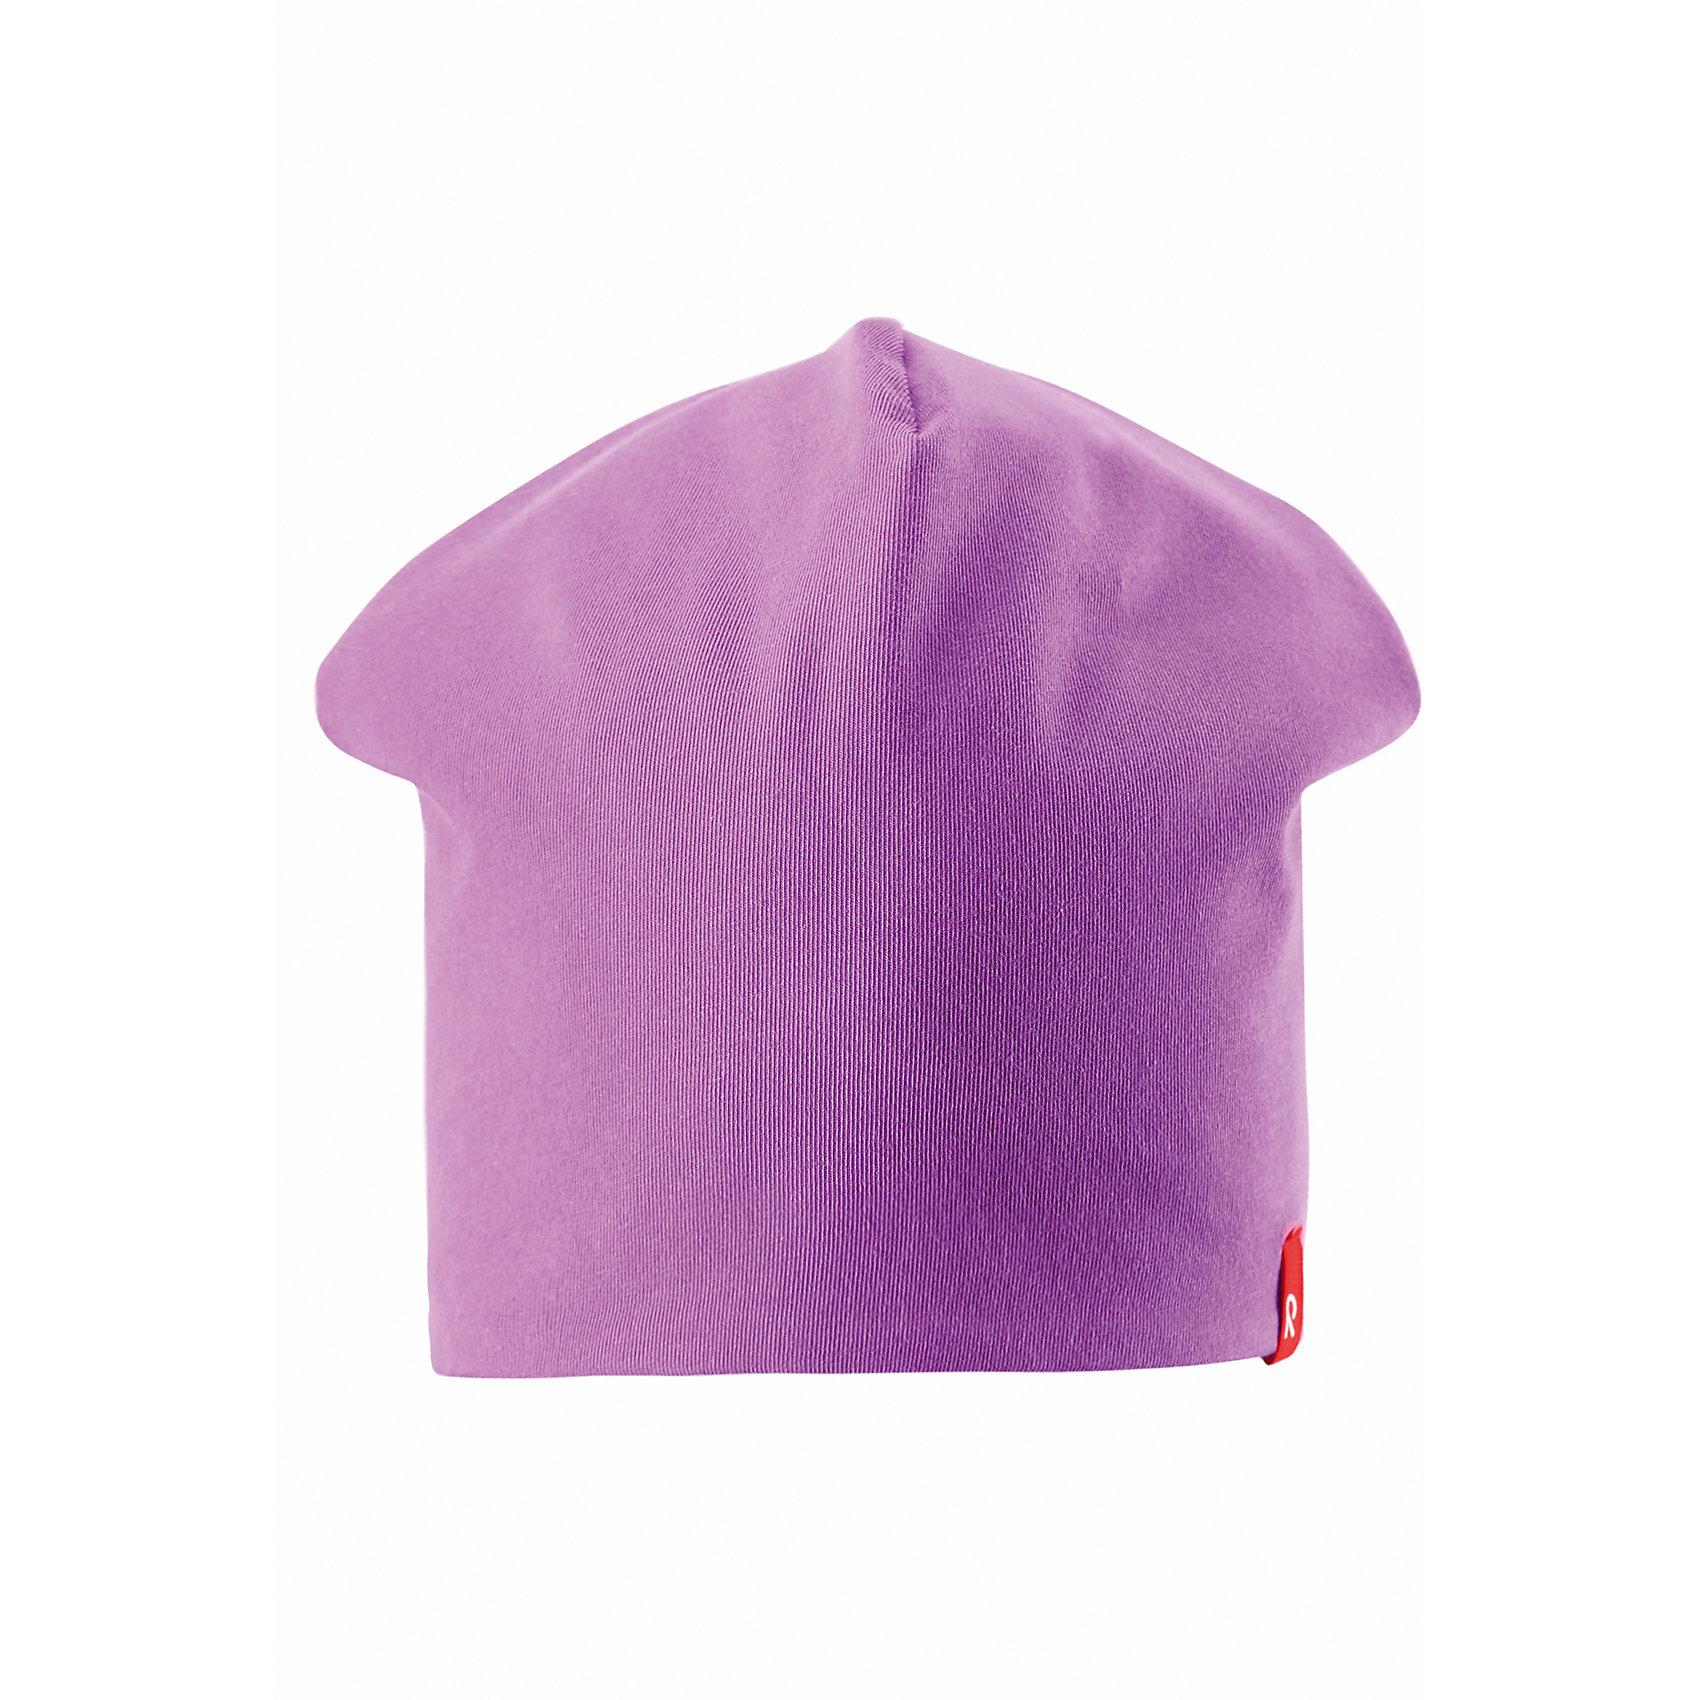 Шапка для девочки ReimaЭта яркая шапочка свежей расцветки для малышей и детей постарше идеально подойдет для веселых весенних приключений! Она изготовлена из простого в уходе и быстросохнущего материла Play Jersey®, эффективно выводящего влагу с кожи во время подвижных игр на свежем воздухе. Обратите внимание, что она имеет УФ-защиту 40+. Стиля много не бывает! Озорная двухсторонняя шапочка в одно мгновение превращается из полосатой в однотонную! <br><br>Дополнительная информация:<br><br>Двухсторонняя шапка «Бини» для детей и малышей<br>Быстросохнущий материал Play Jersey, приятный на ощупь<br>Фактор защиты от ультрафиолета 40+<br>Двухсторонняя модель<br>Сплошная подкладка: отводящий влагу материал Play Jersey<br>Логотип Reima® спереди<br>Состав:<br>65% ХЛ 30% ПЭ 5% ЭЛ<br>Уход:<br>Стирать с бельем одинакового цвета, вывернув наизнанку. Полоскать без специального средства. Придать первоначальную форму вo влажном виде.<br><br>Ширина мм: 89<br>Глубина мм: 117<br>Высота мм: 44<br>Вес г: 155<br>Цвет: розовый<br>Возраст от месяцев: 72<br>Возраст до месяцев: 84<br>Пол: Женский<br>Возраст: Детский<br>Размер: 54,46,56,48,50,52<br>SKU: 4498230